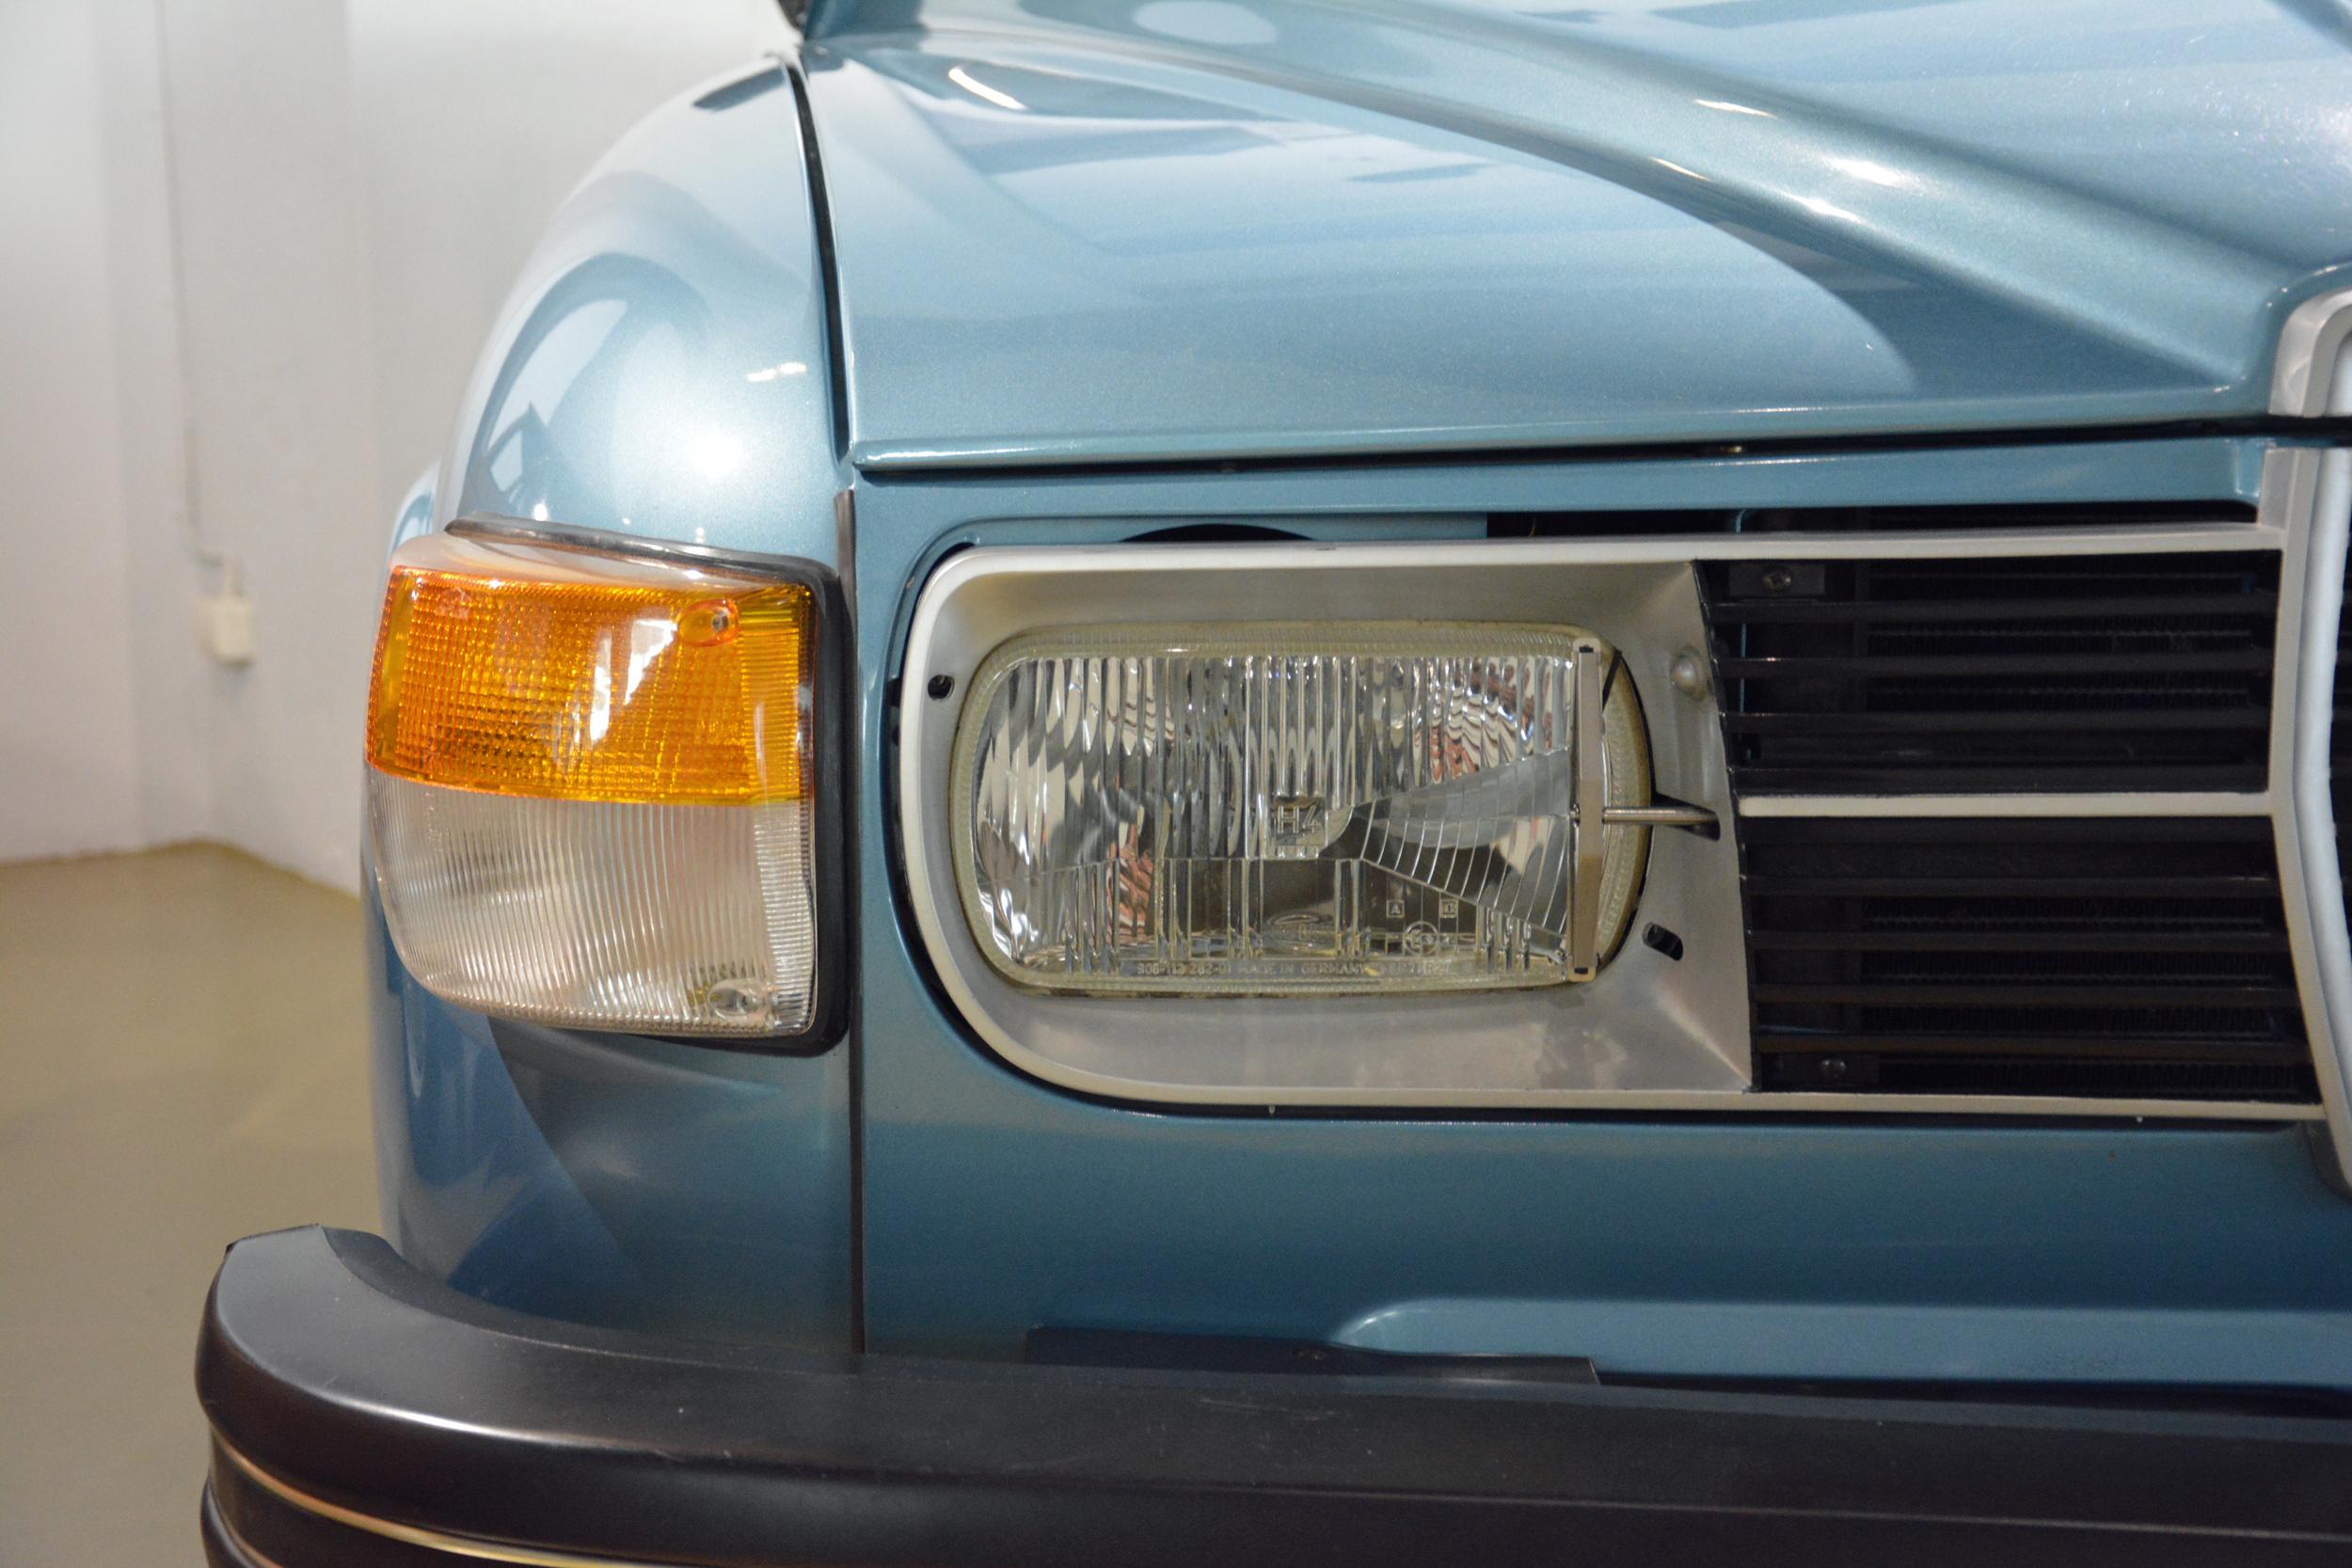 saab museum 96 headlight